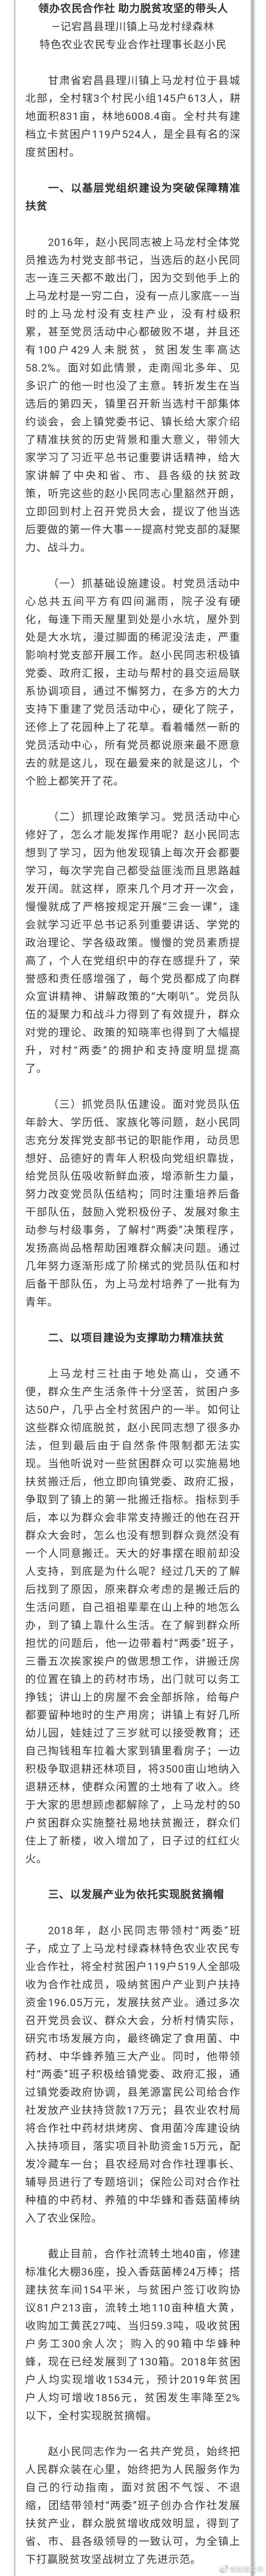 陇南宕昌县理川镇上马龙村绿森林特色农业农民专业合作社理事赵小民入